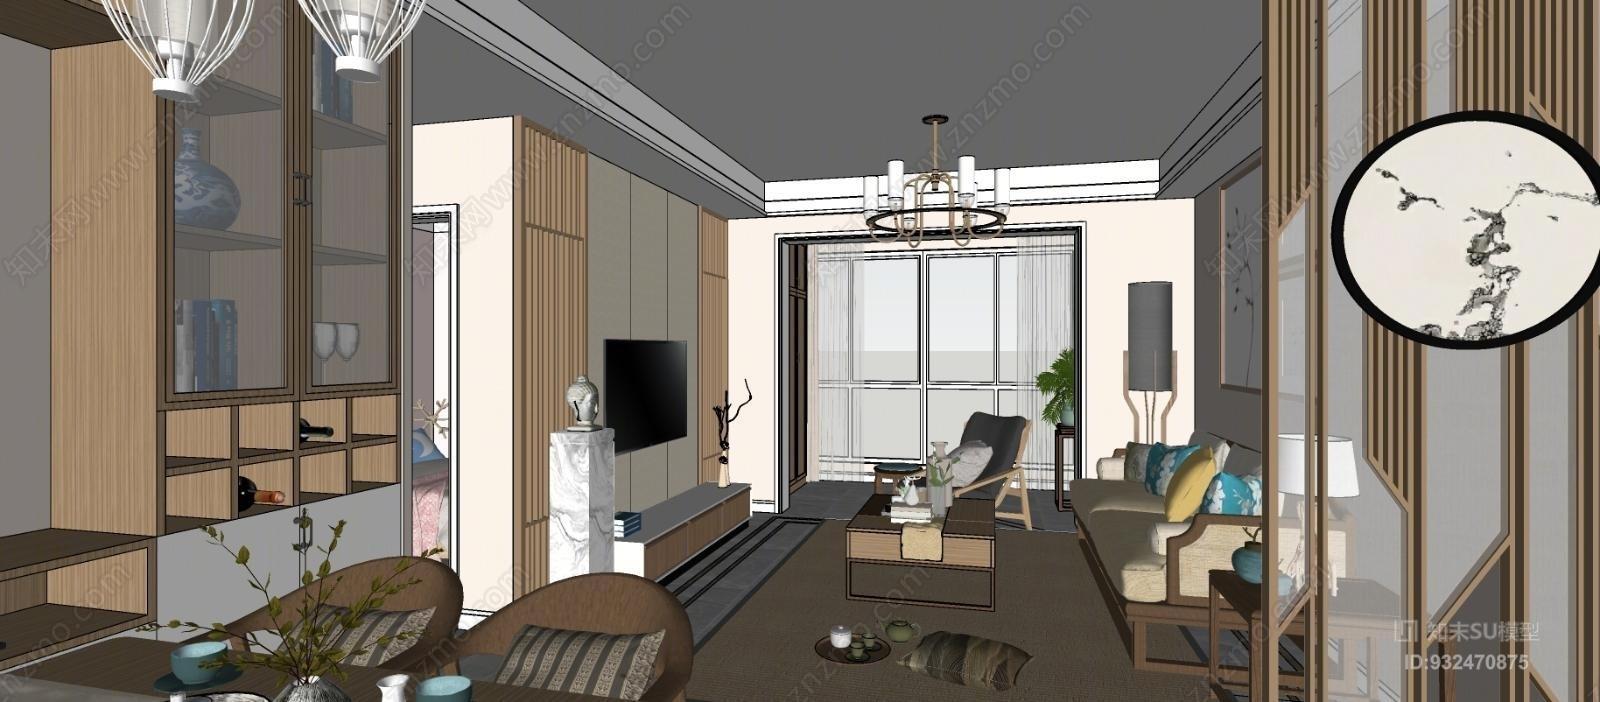 新中式风格整套模型 禅意风格 中式风格宿舍 柜子 床 衣柜 书桌